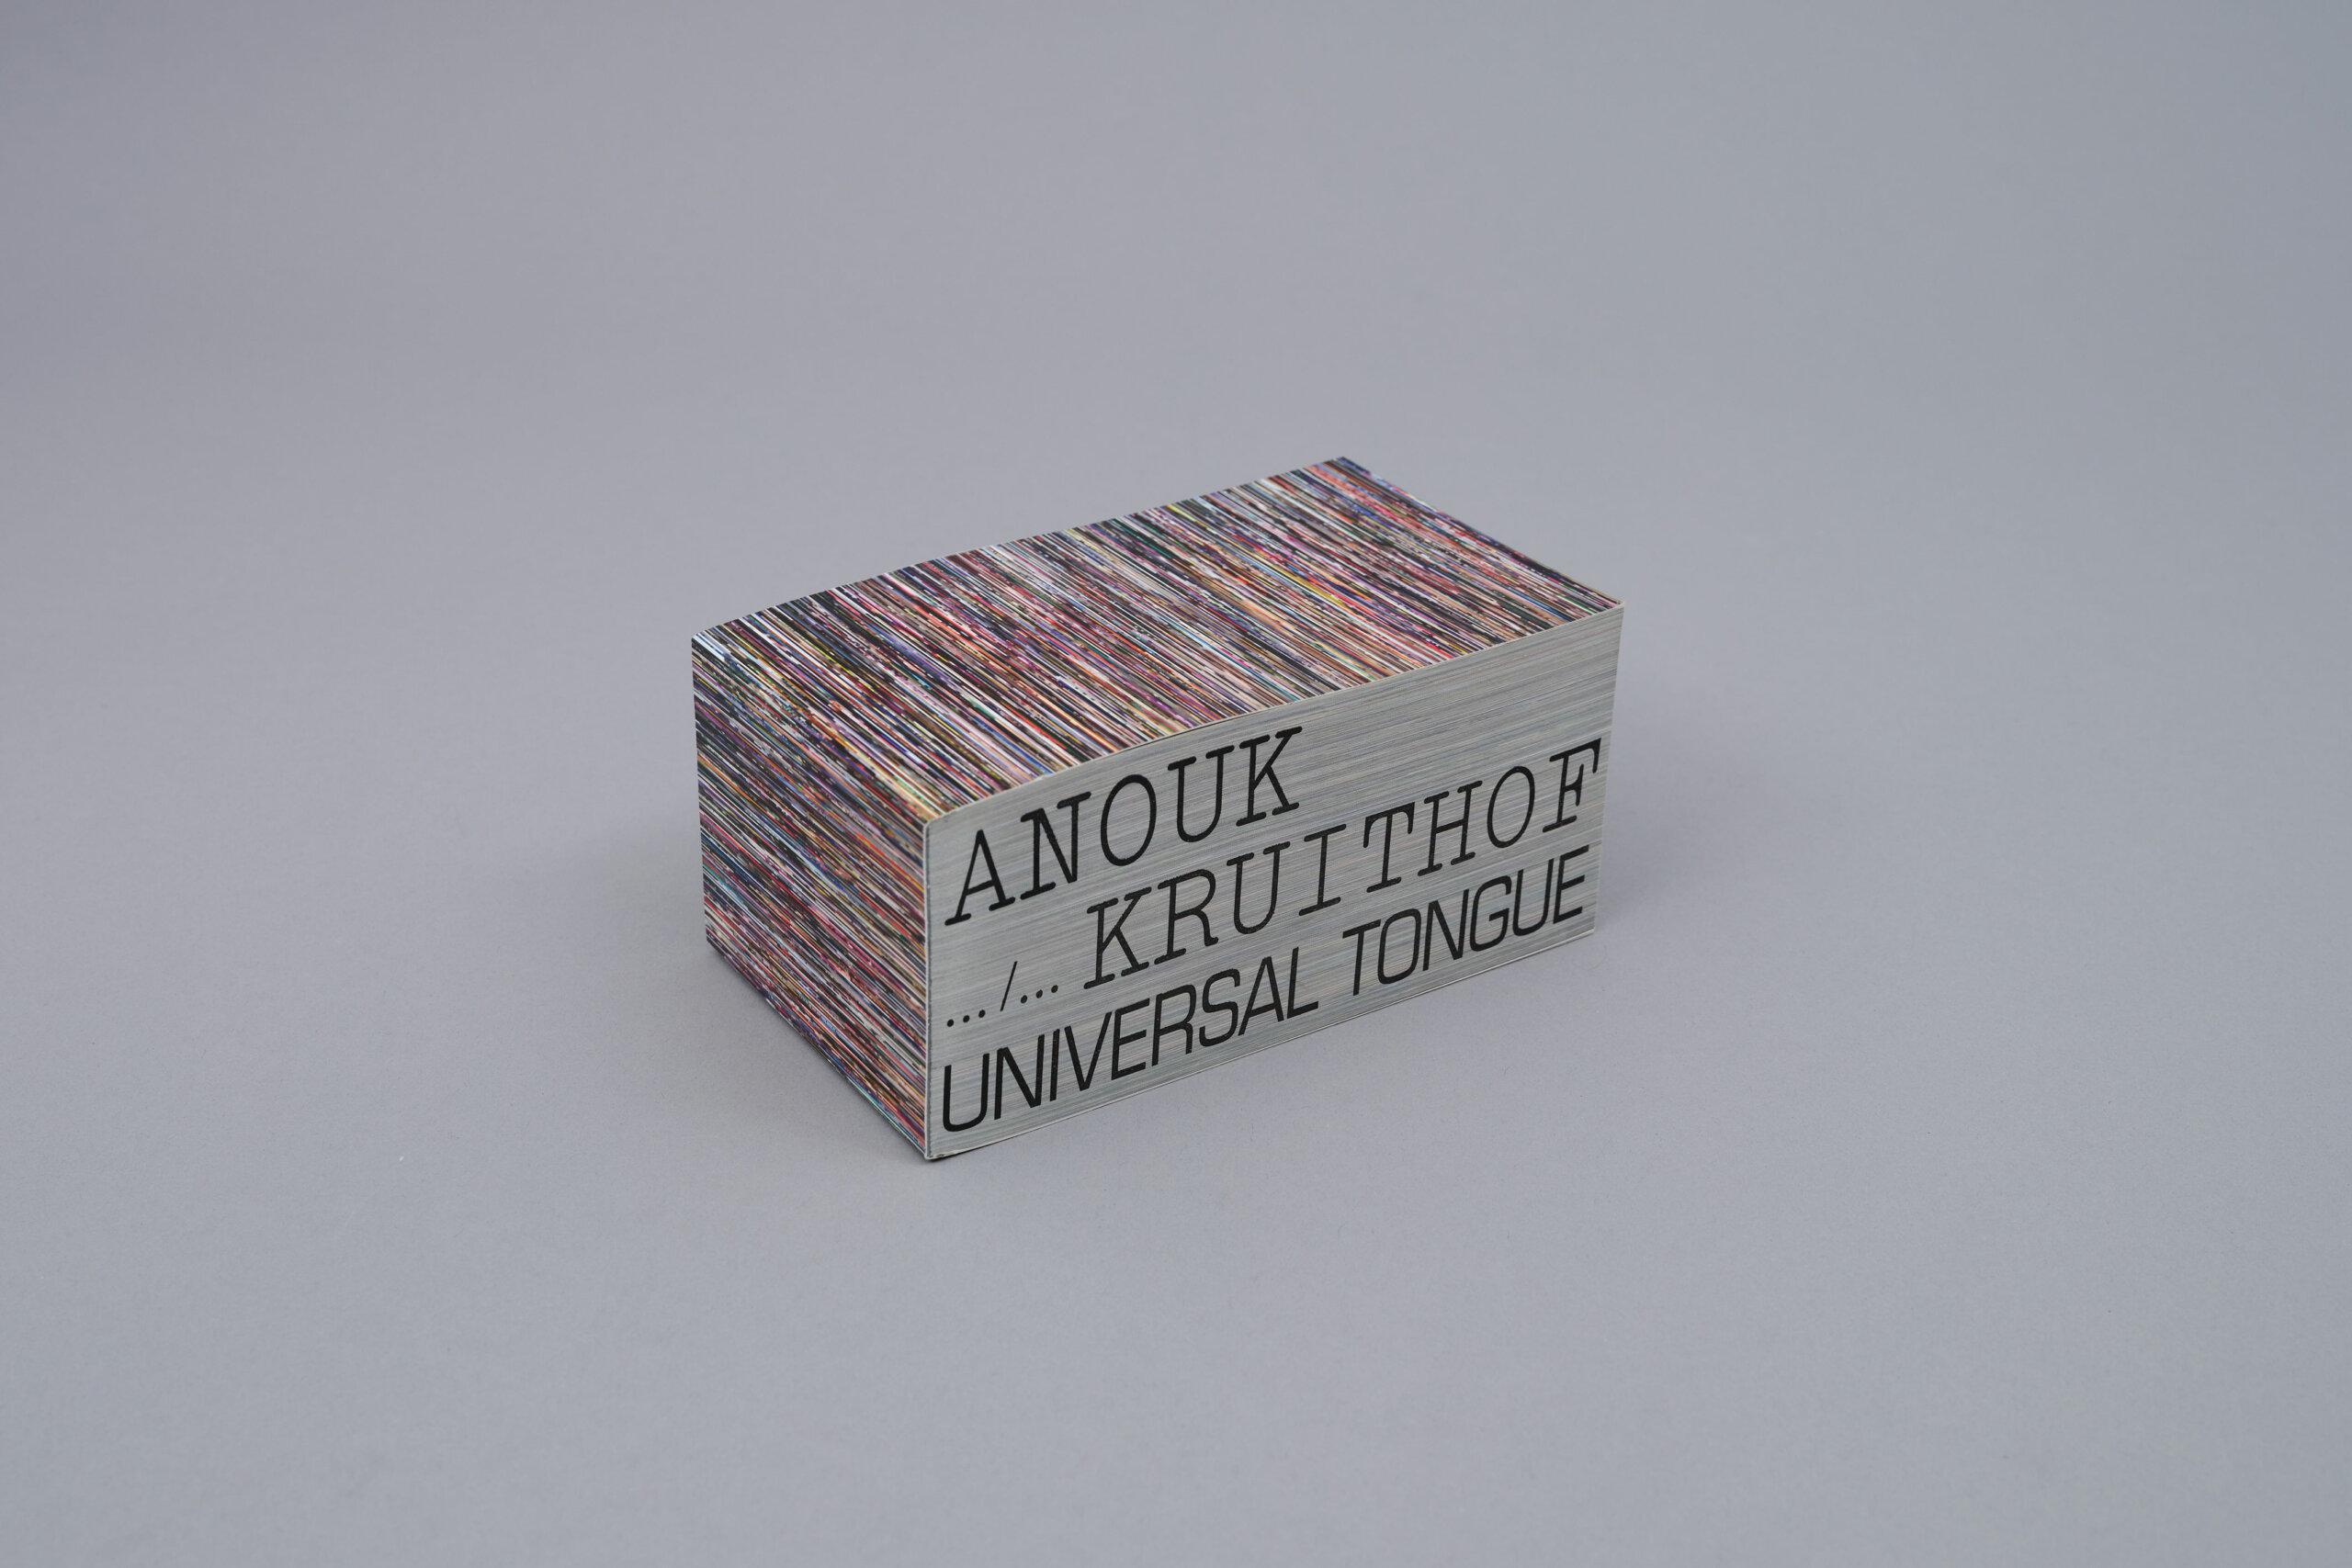 Universal-tongue-Kruithof-delpire2